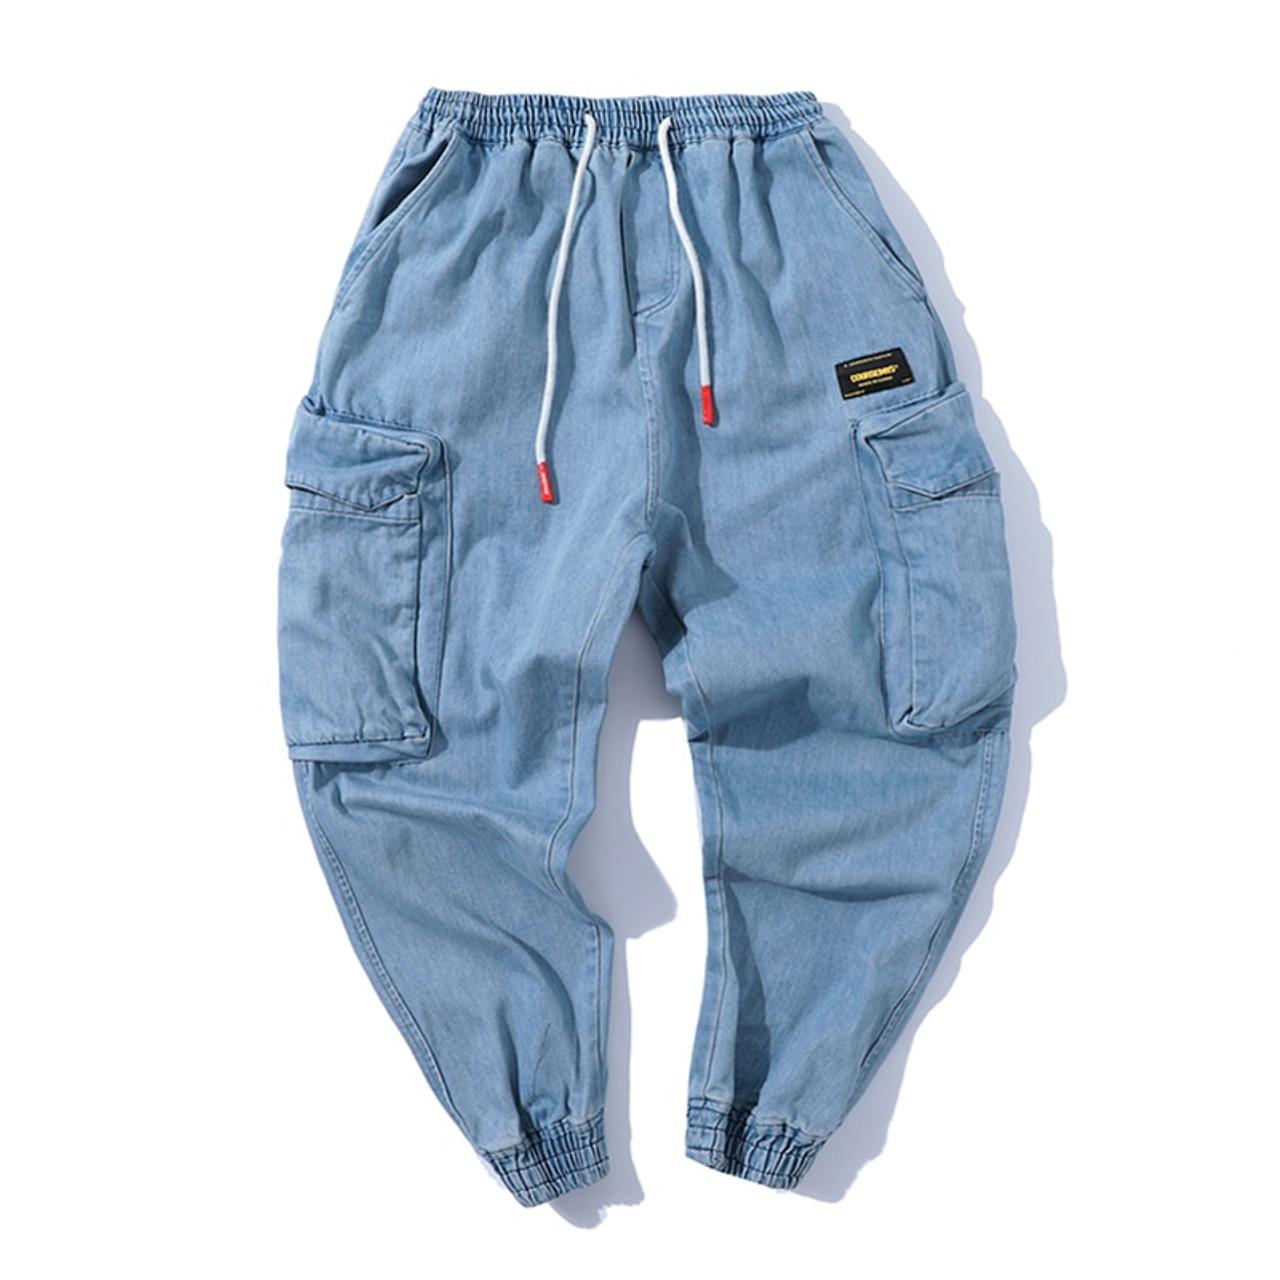 37450c296 ... AELFRIC Harem Pants Men Side Pockets Cargo Sweatpants Cotton Denim Jean  Trousers Elastic Waist Hip Hop ...